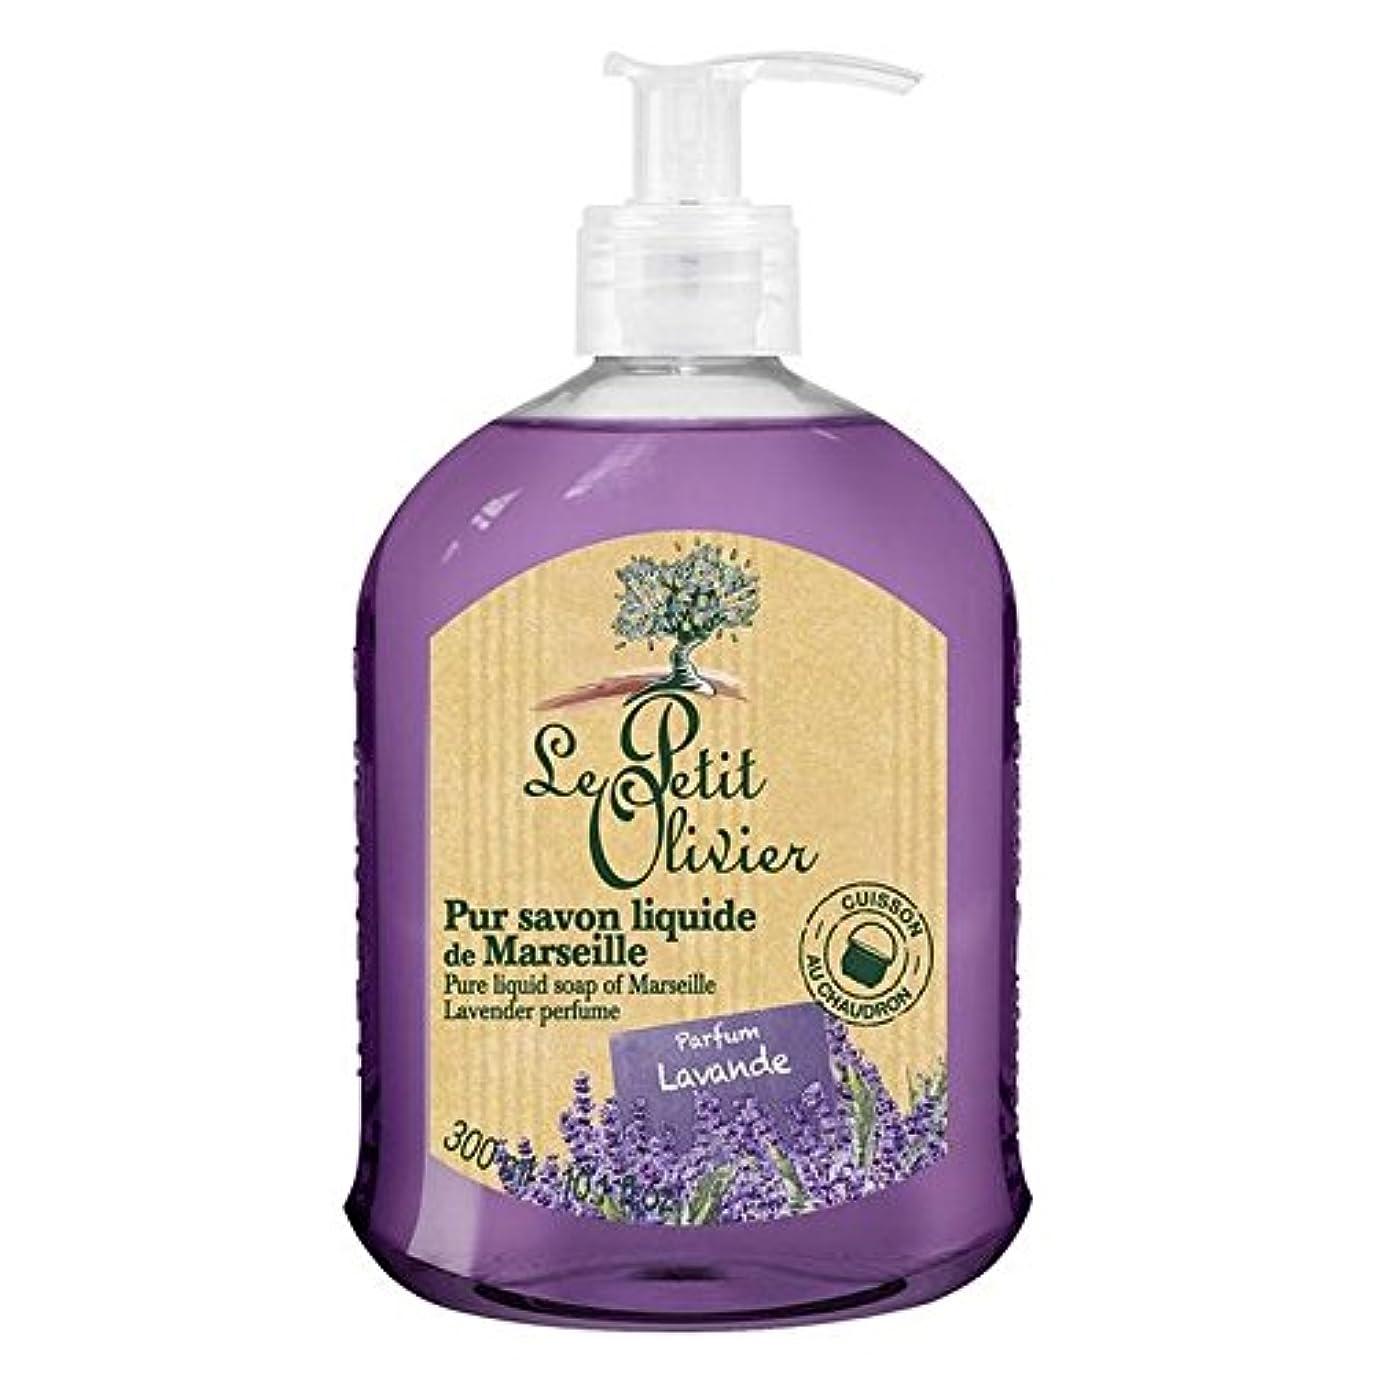 マルセイユのル?プティ?オリヴィエ純粋な液体石鹸、ラベンダー300ミリリットル x2 - Le Petit Olivier Pure Liquid Soap of Marseille, Lavender 300ml (Pack...